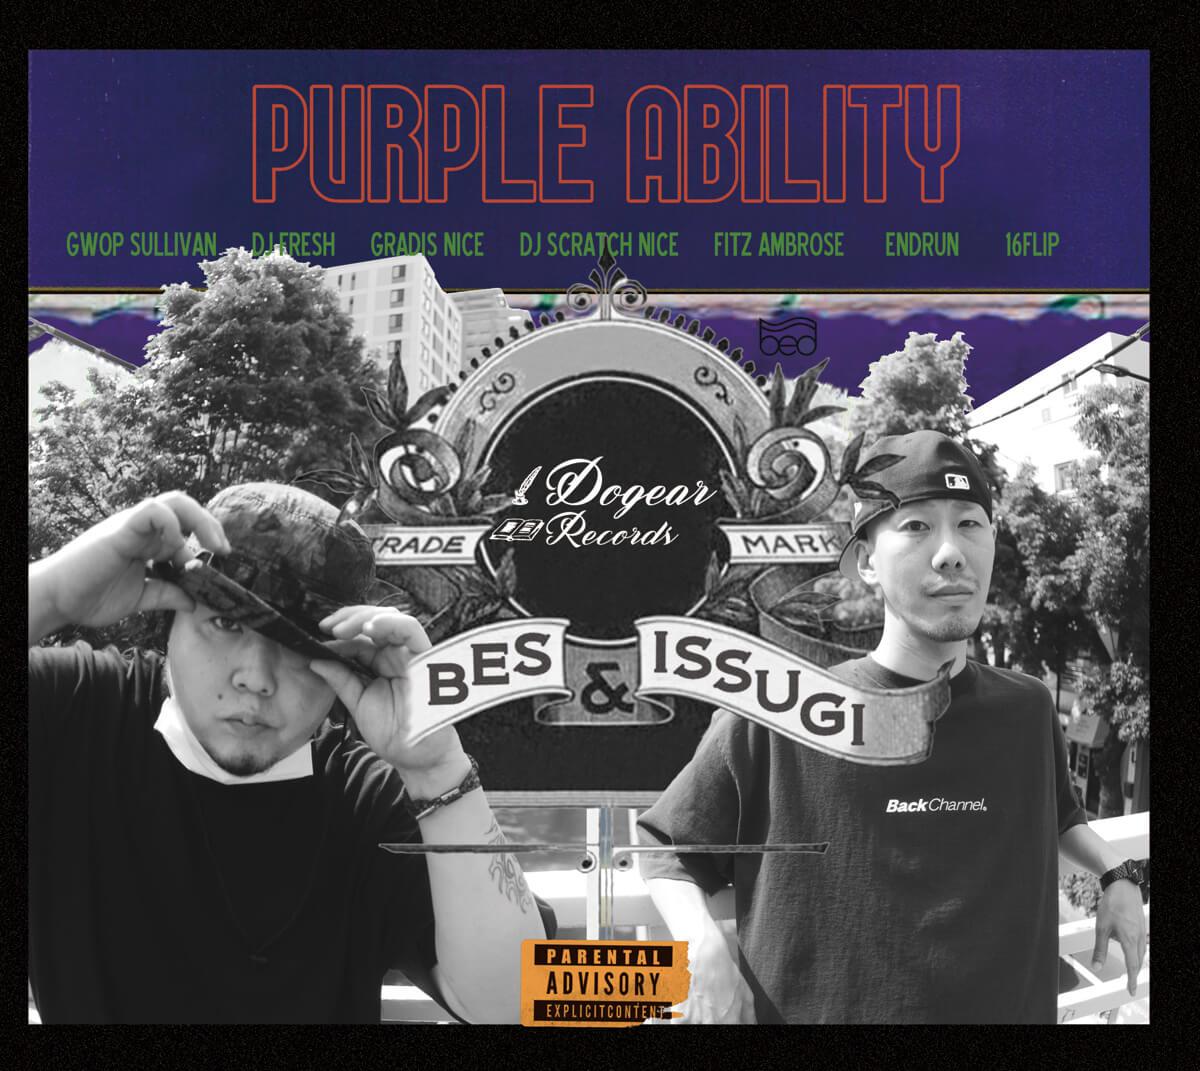 BES & ISSUGIによるジョイントアルバム『Purple Ability』が2枚組のアナログでリリース決定!完全限定プレスで発売 music210427_bes_issugi_2